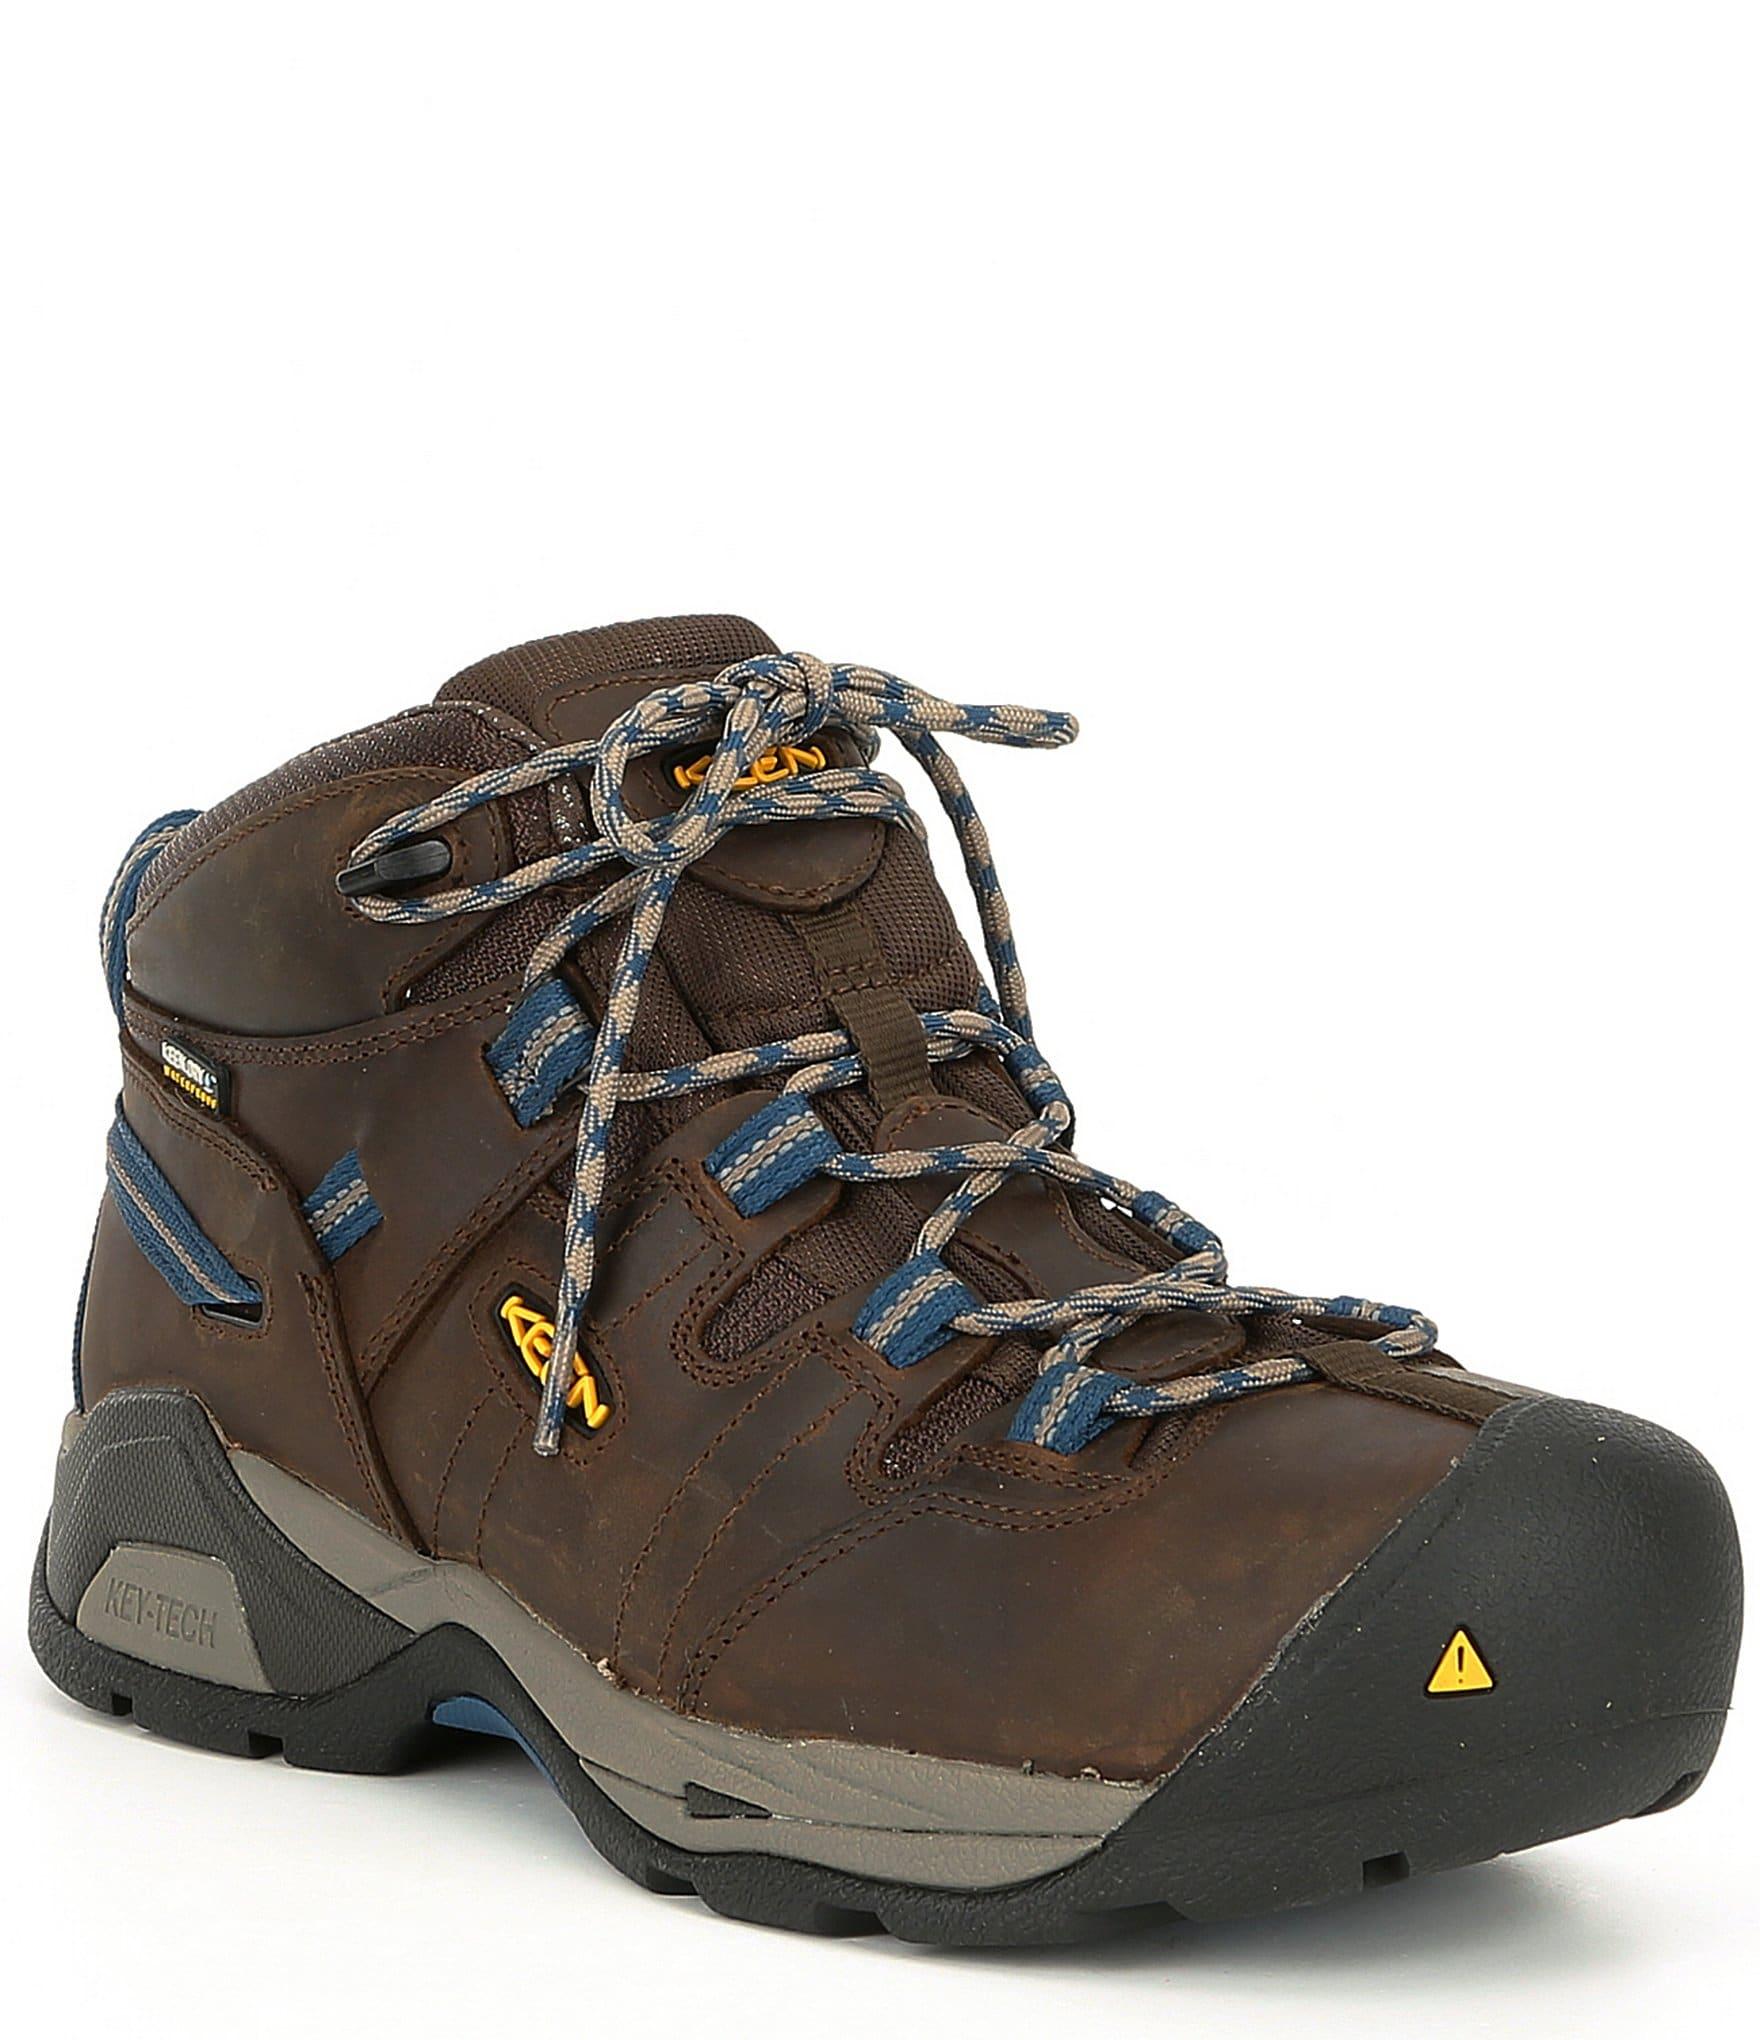 Detroit Steel Toe Waterproof Work Boots